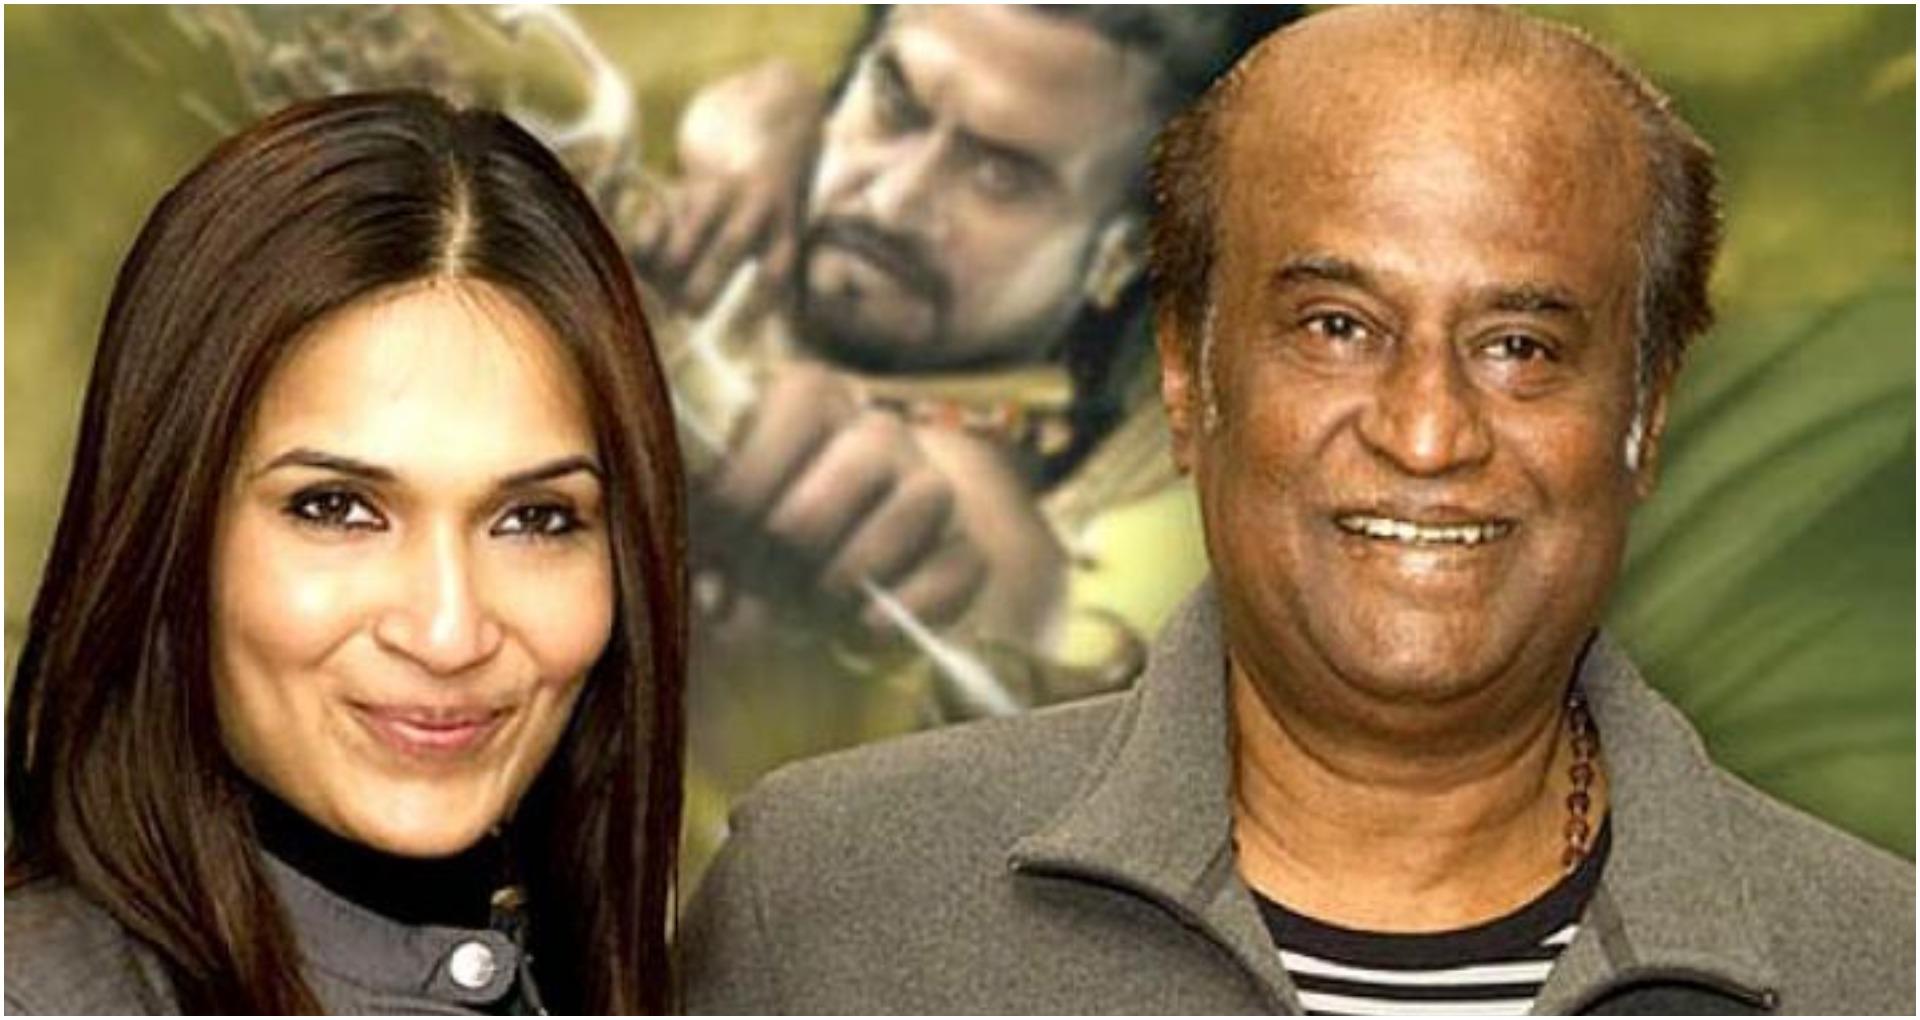 सौंदर्या की शादी का न्योता दे रहे हैं रजनीकांत, इन राजनेताओं-फिल्मी सितारों को भेजा वेडिंग कार्ड